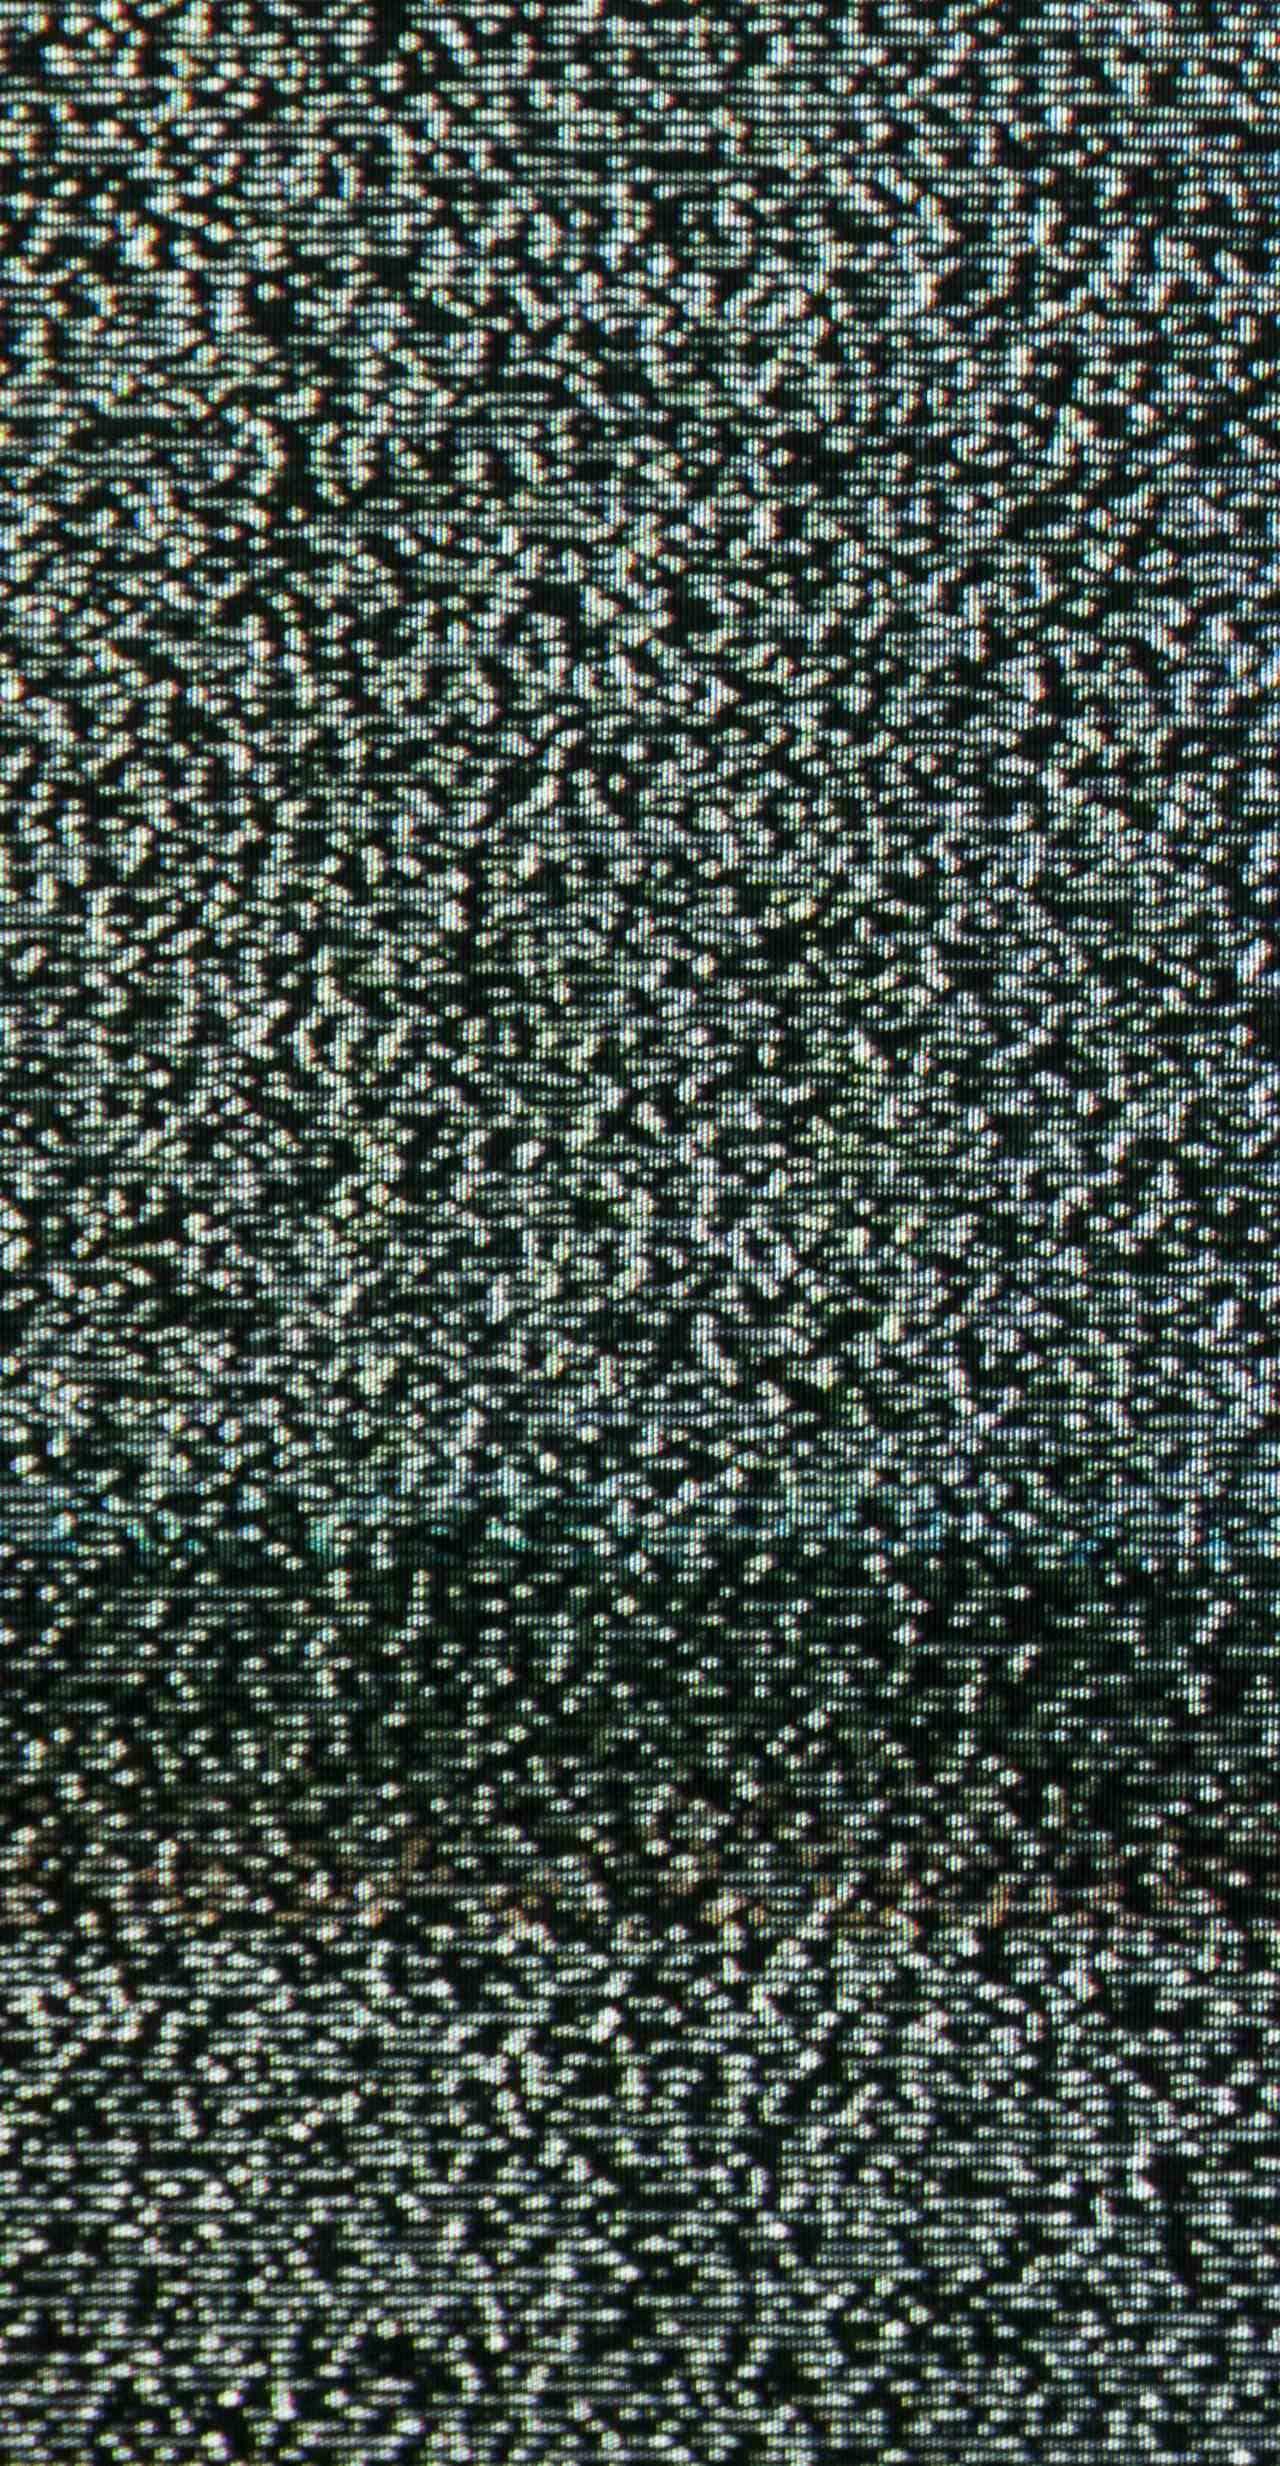 Image en texture de type télévision.